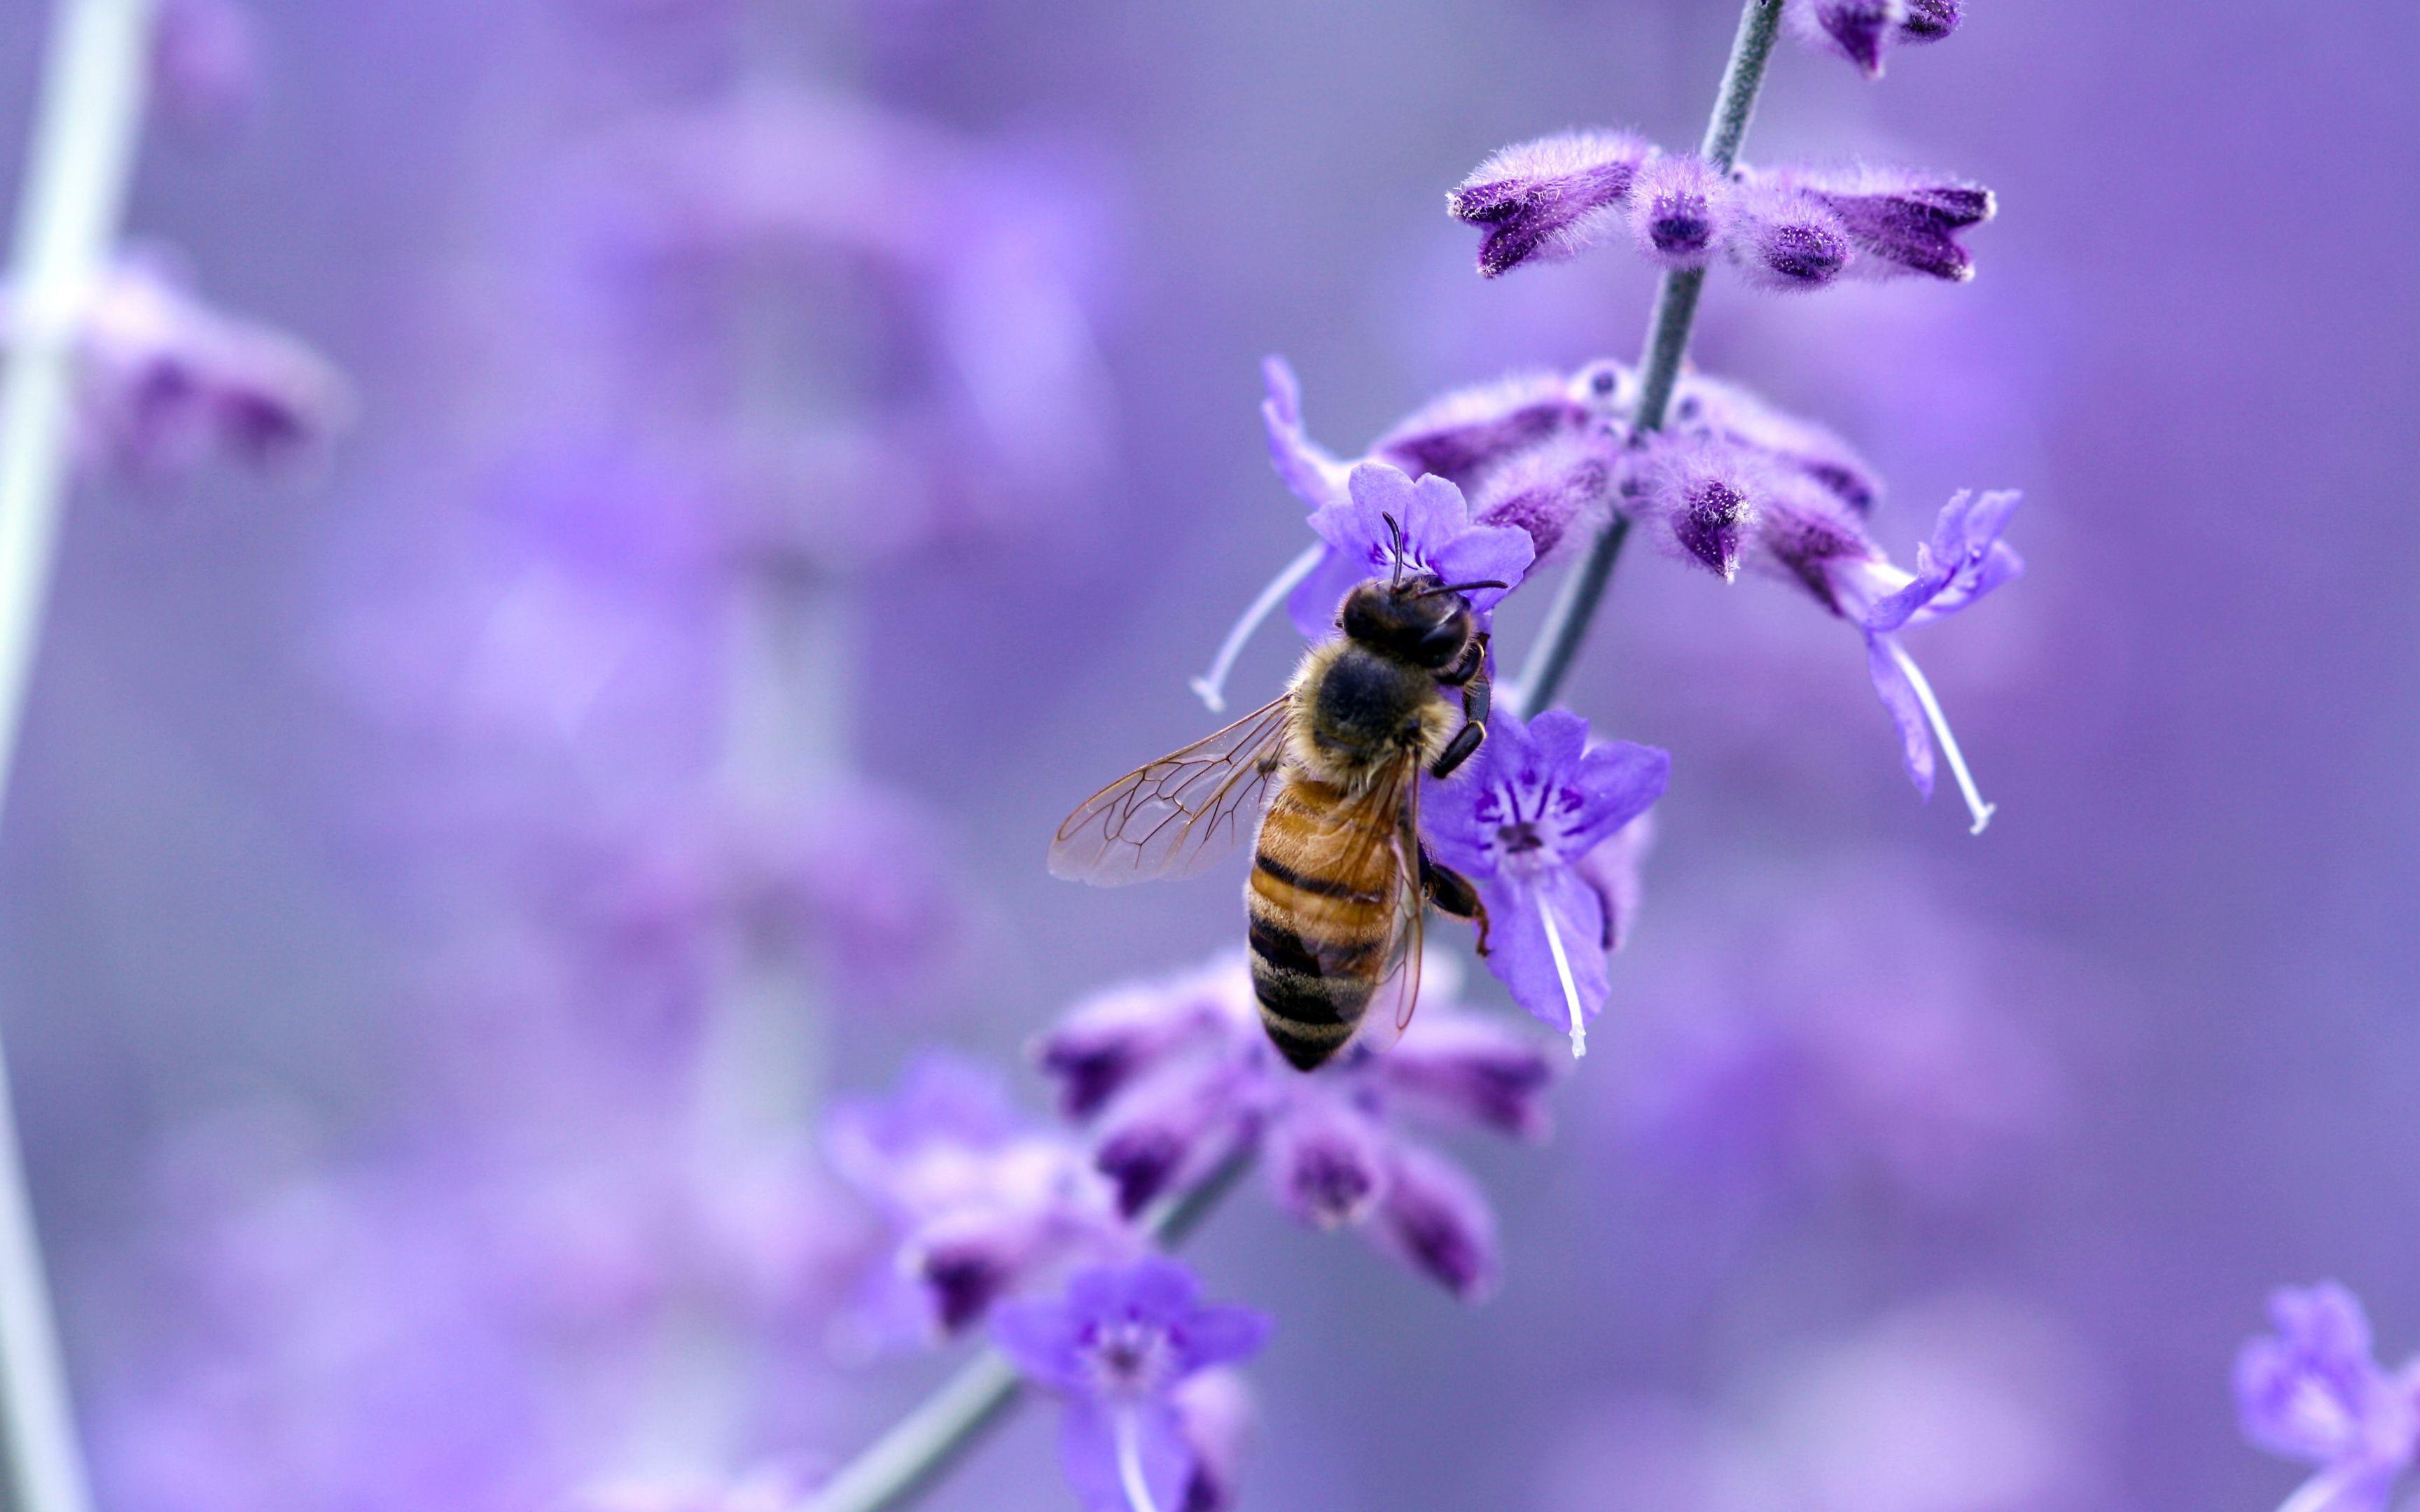 природа цветы насекомое пчела  № 3105893 бесплатно